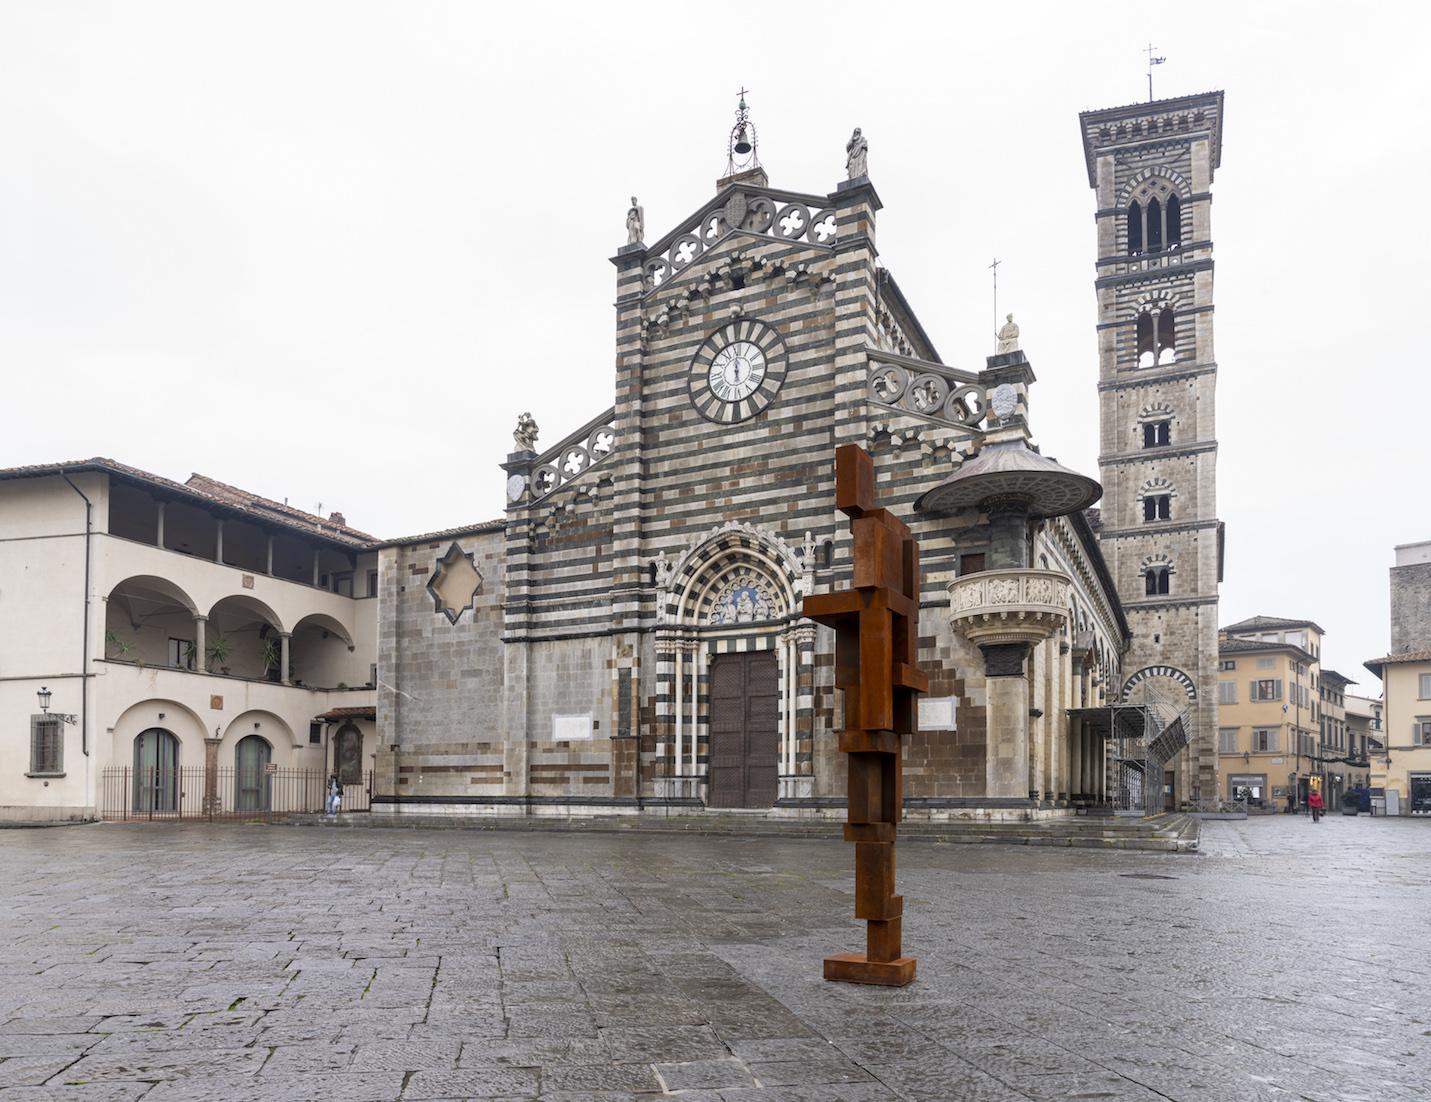 Scultura contemporanea in piazza antica: Gormley e Penone a Prato e Firenze